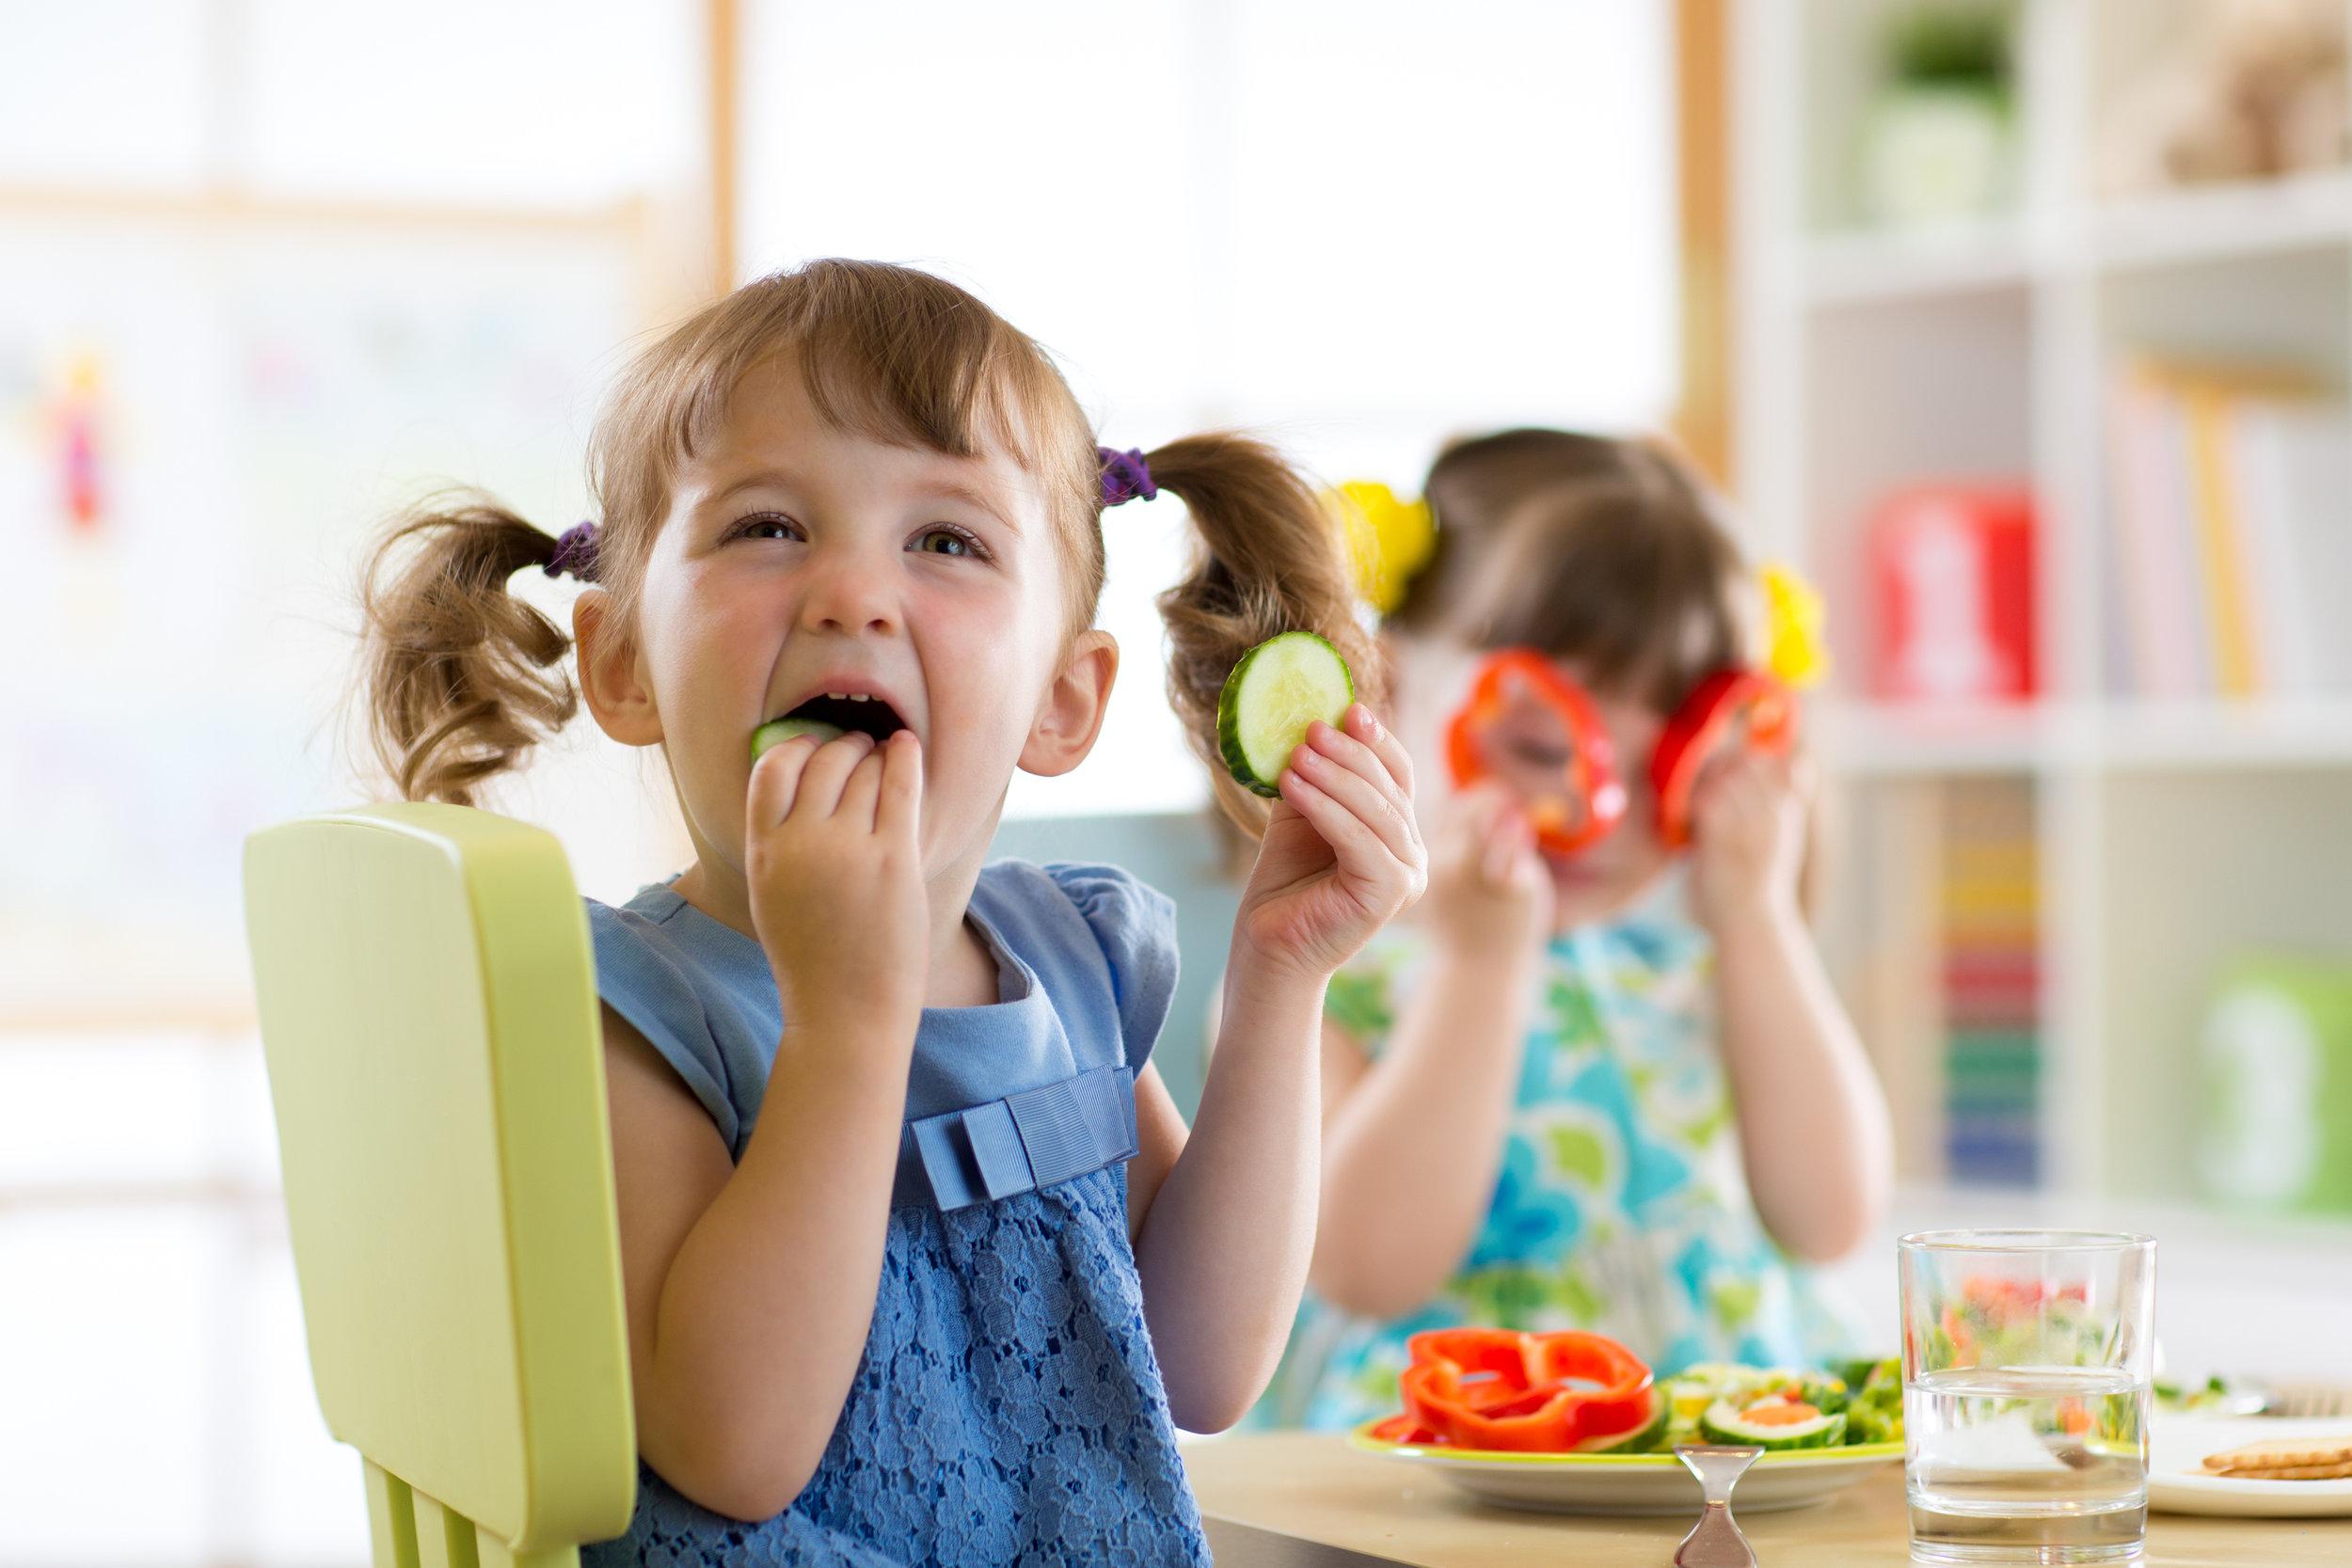 kids eating.jpeg